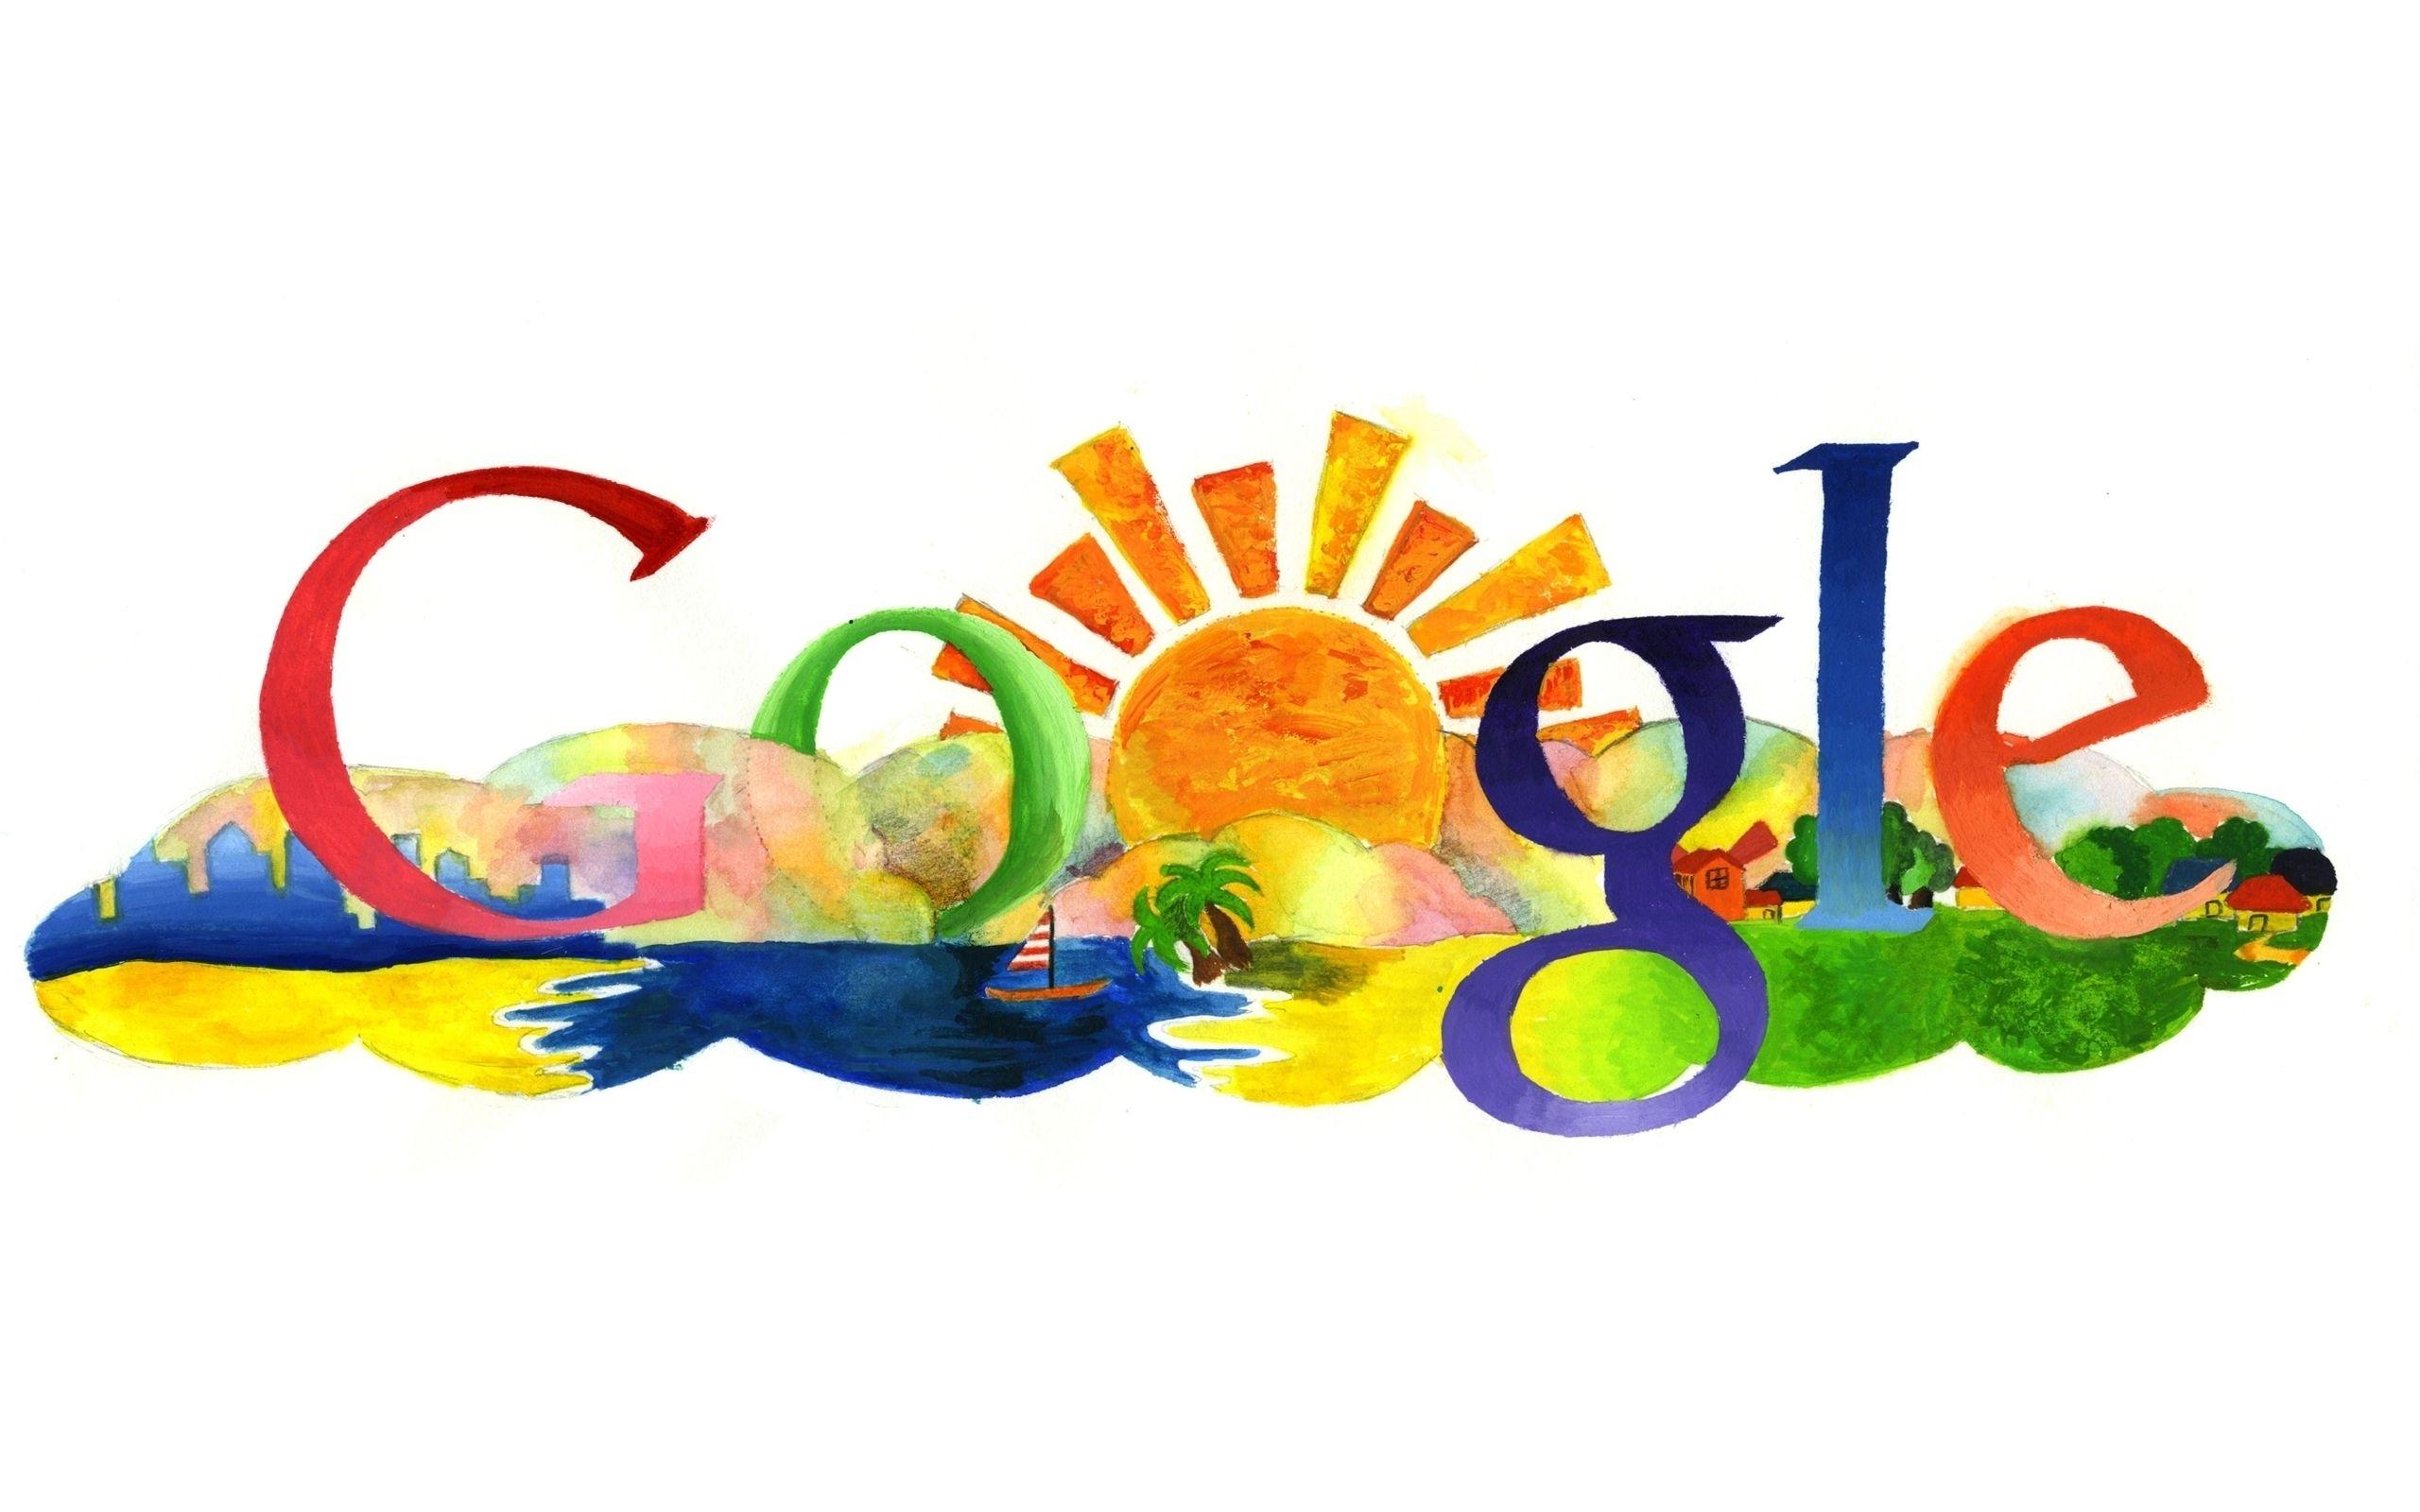 谷歌捐款逾8亿美元抗击新冠疫情